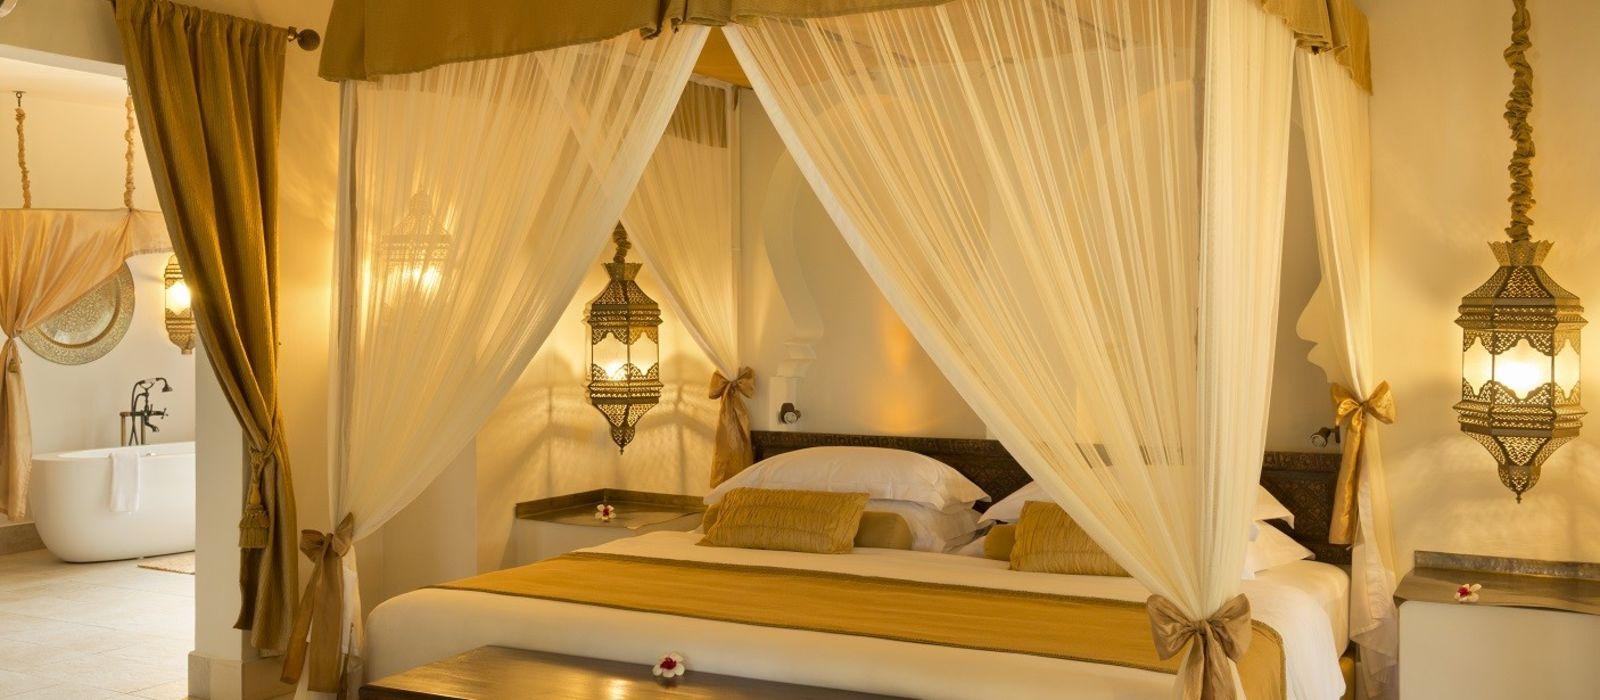 Hotel Baraza Tansania